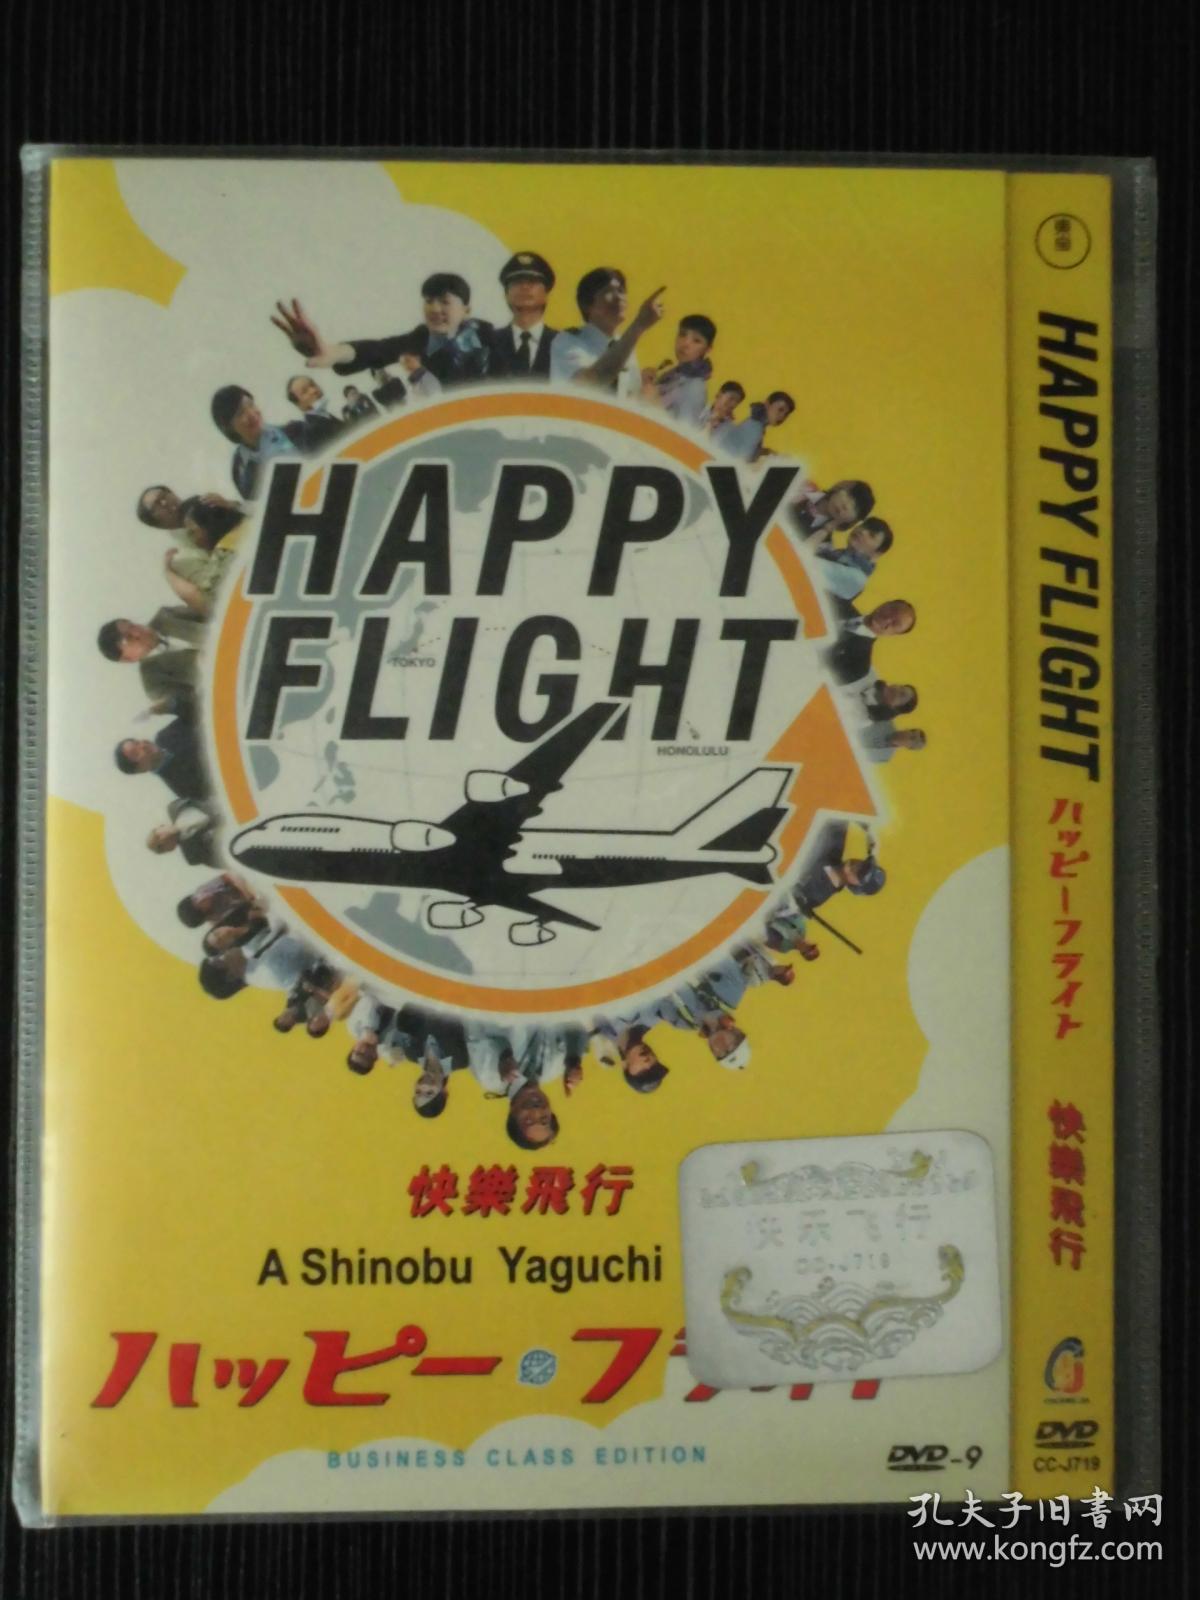 讹g�K���_d9 快乐飞行 ハッピーフライト 又名: 开心直航